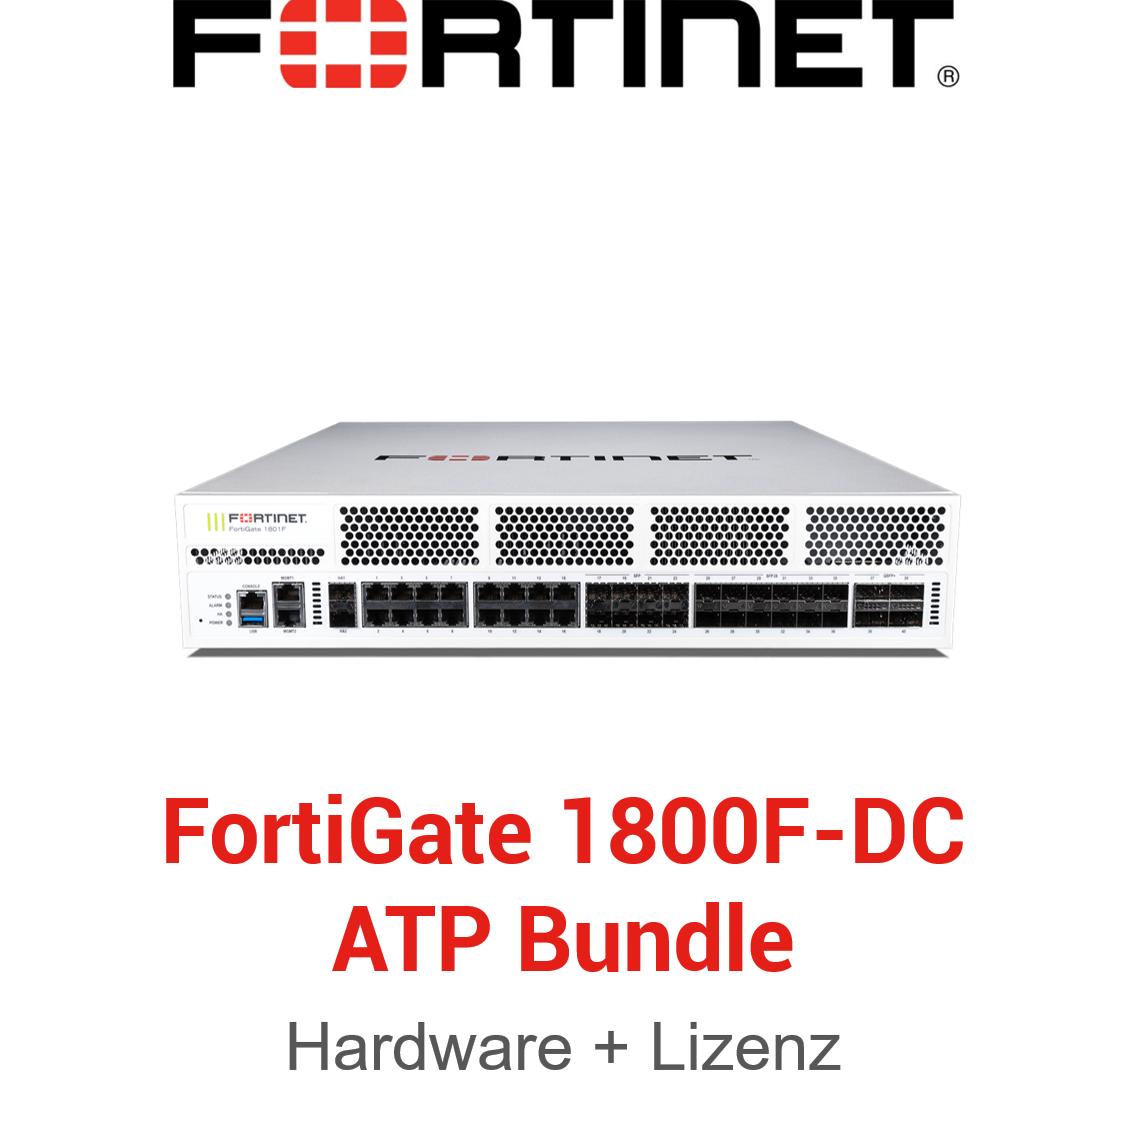 Fortinet FortiGate-1800F-DC - ATP Bundle (Hardware + Lizenz)